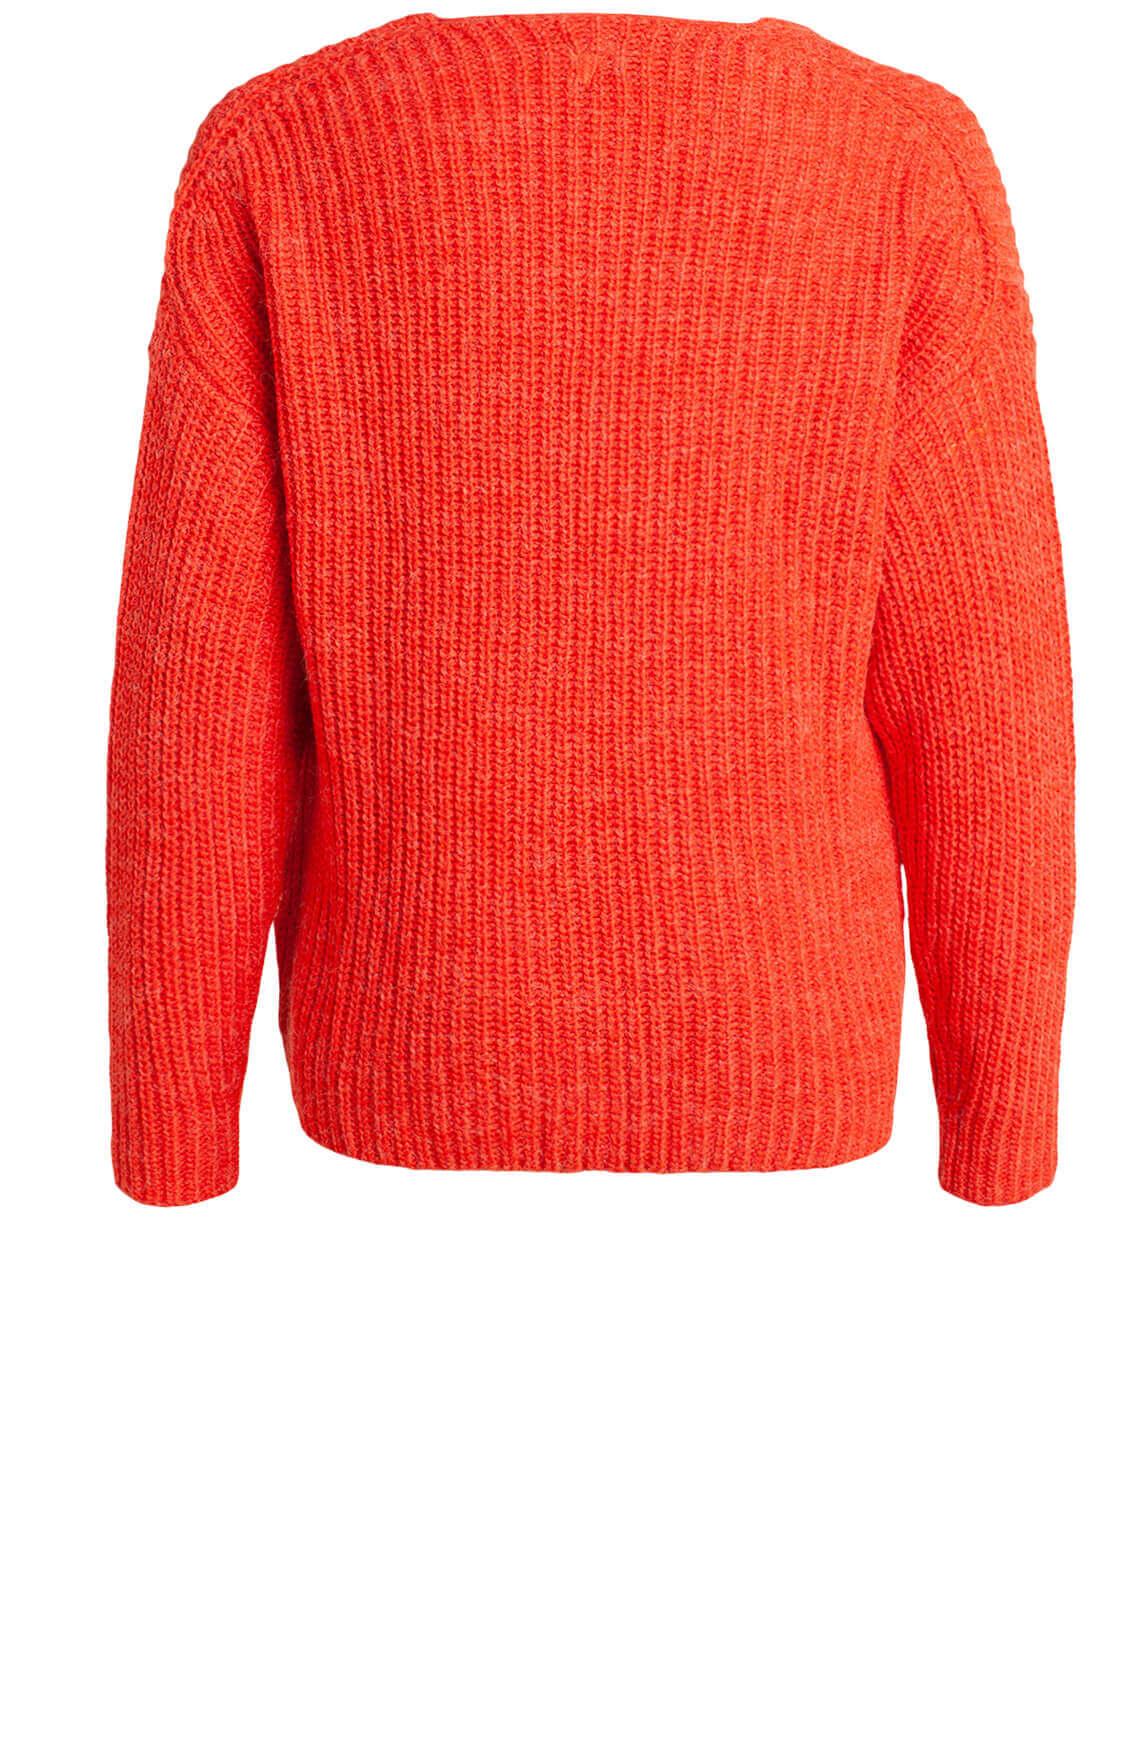 Alix The Label Dames Gebreide pullover met V-hals Rood